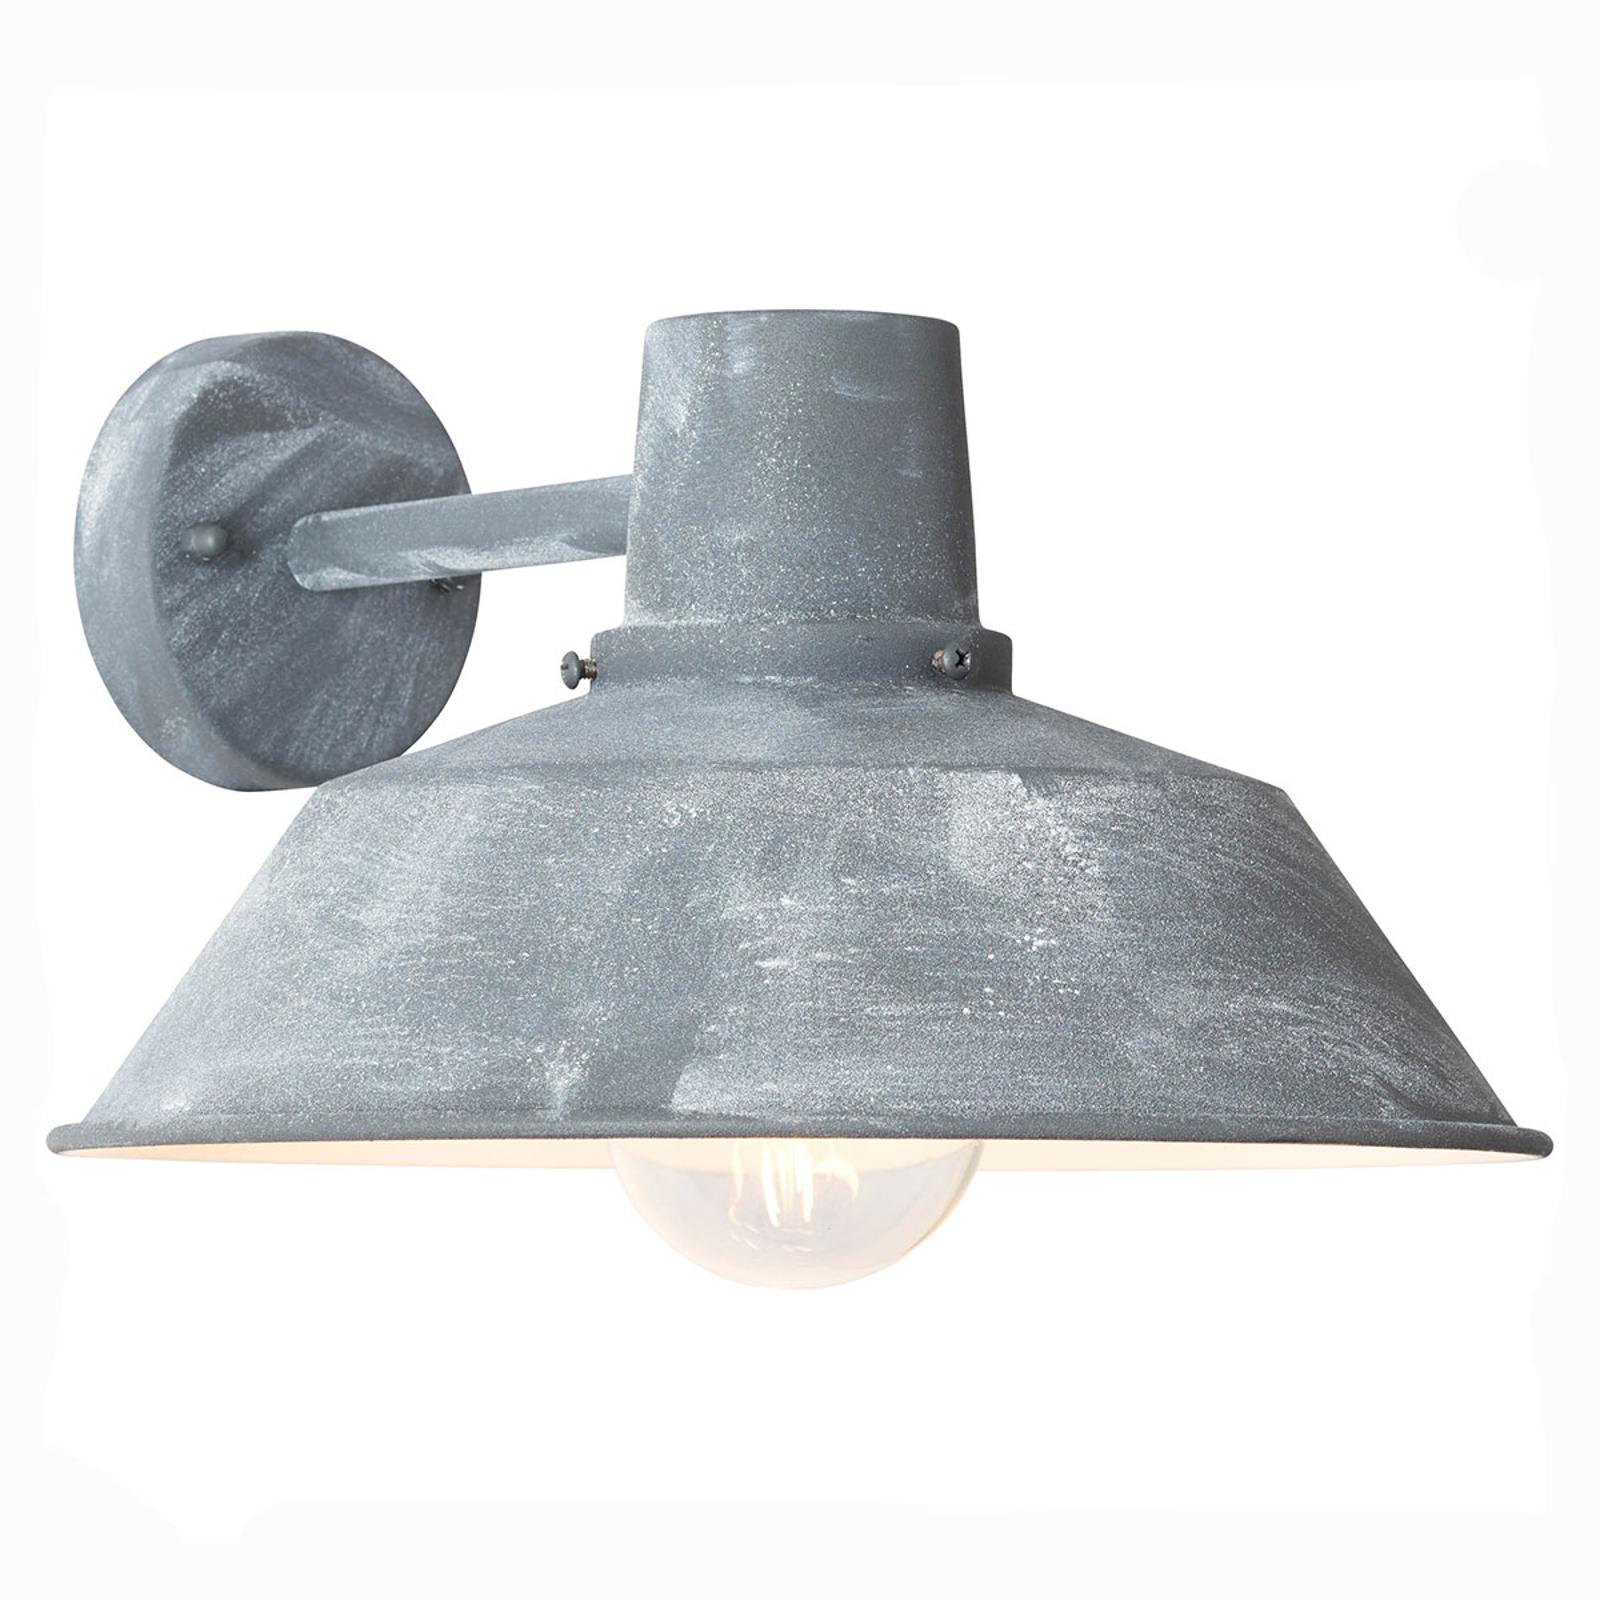 Buitenwandlamp Humphrey, grijs beton